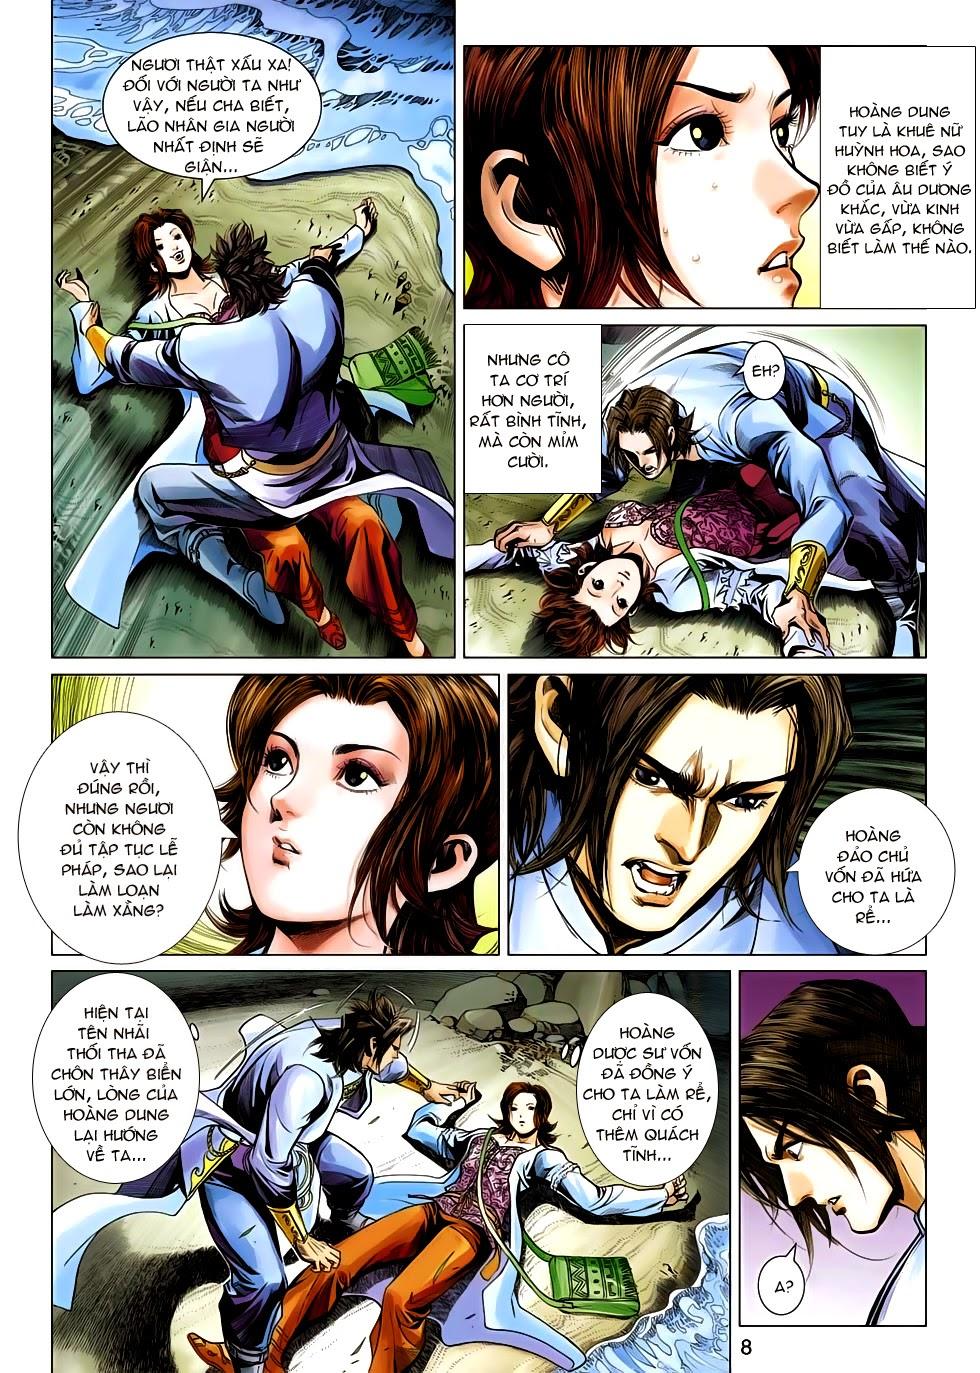 Anh Hùng Xạ Điêu anh hùng xạ đêu chap 54: kiếp hậu dư sinh thiến nữ kỳ mưu trang 8